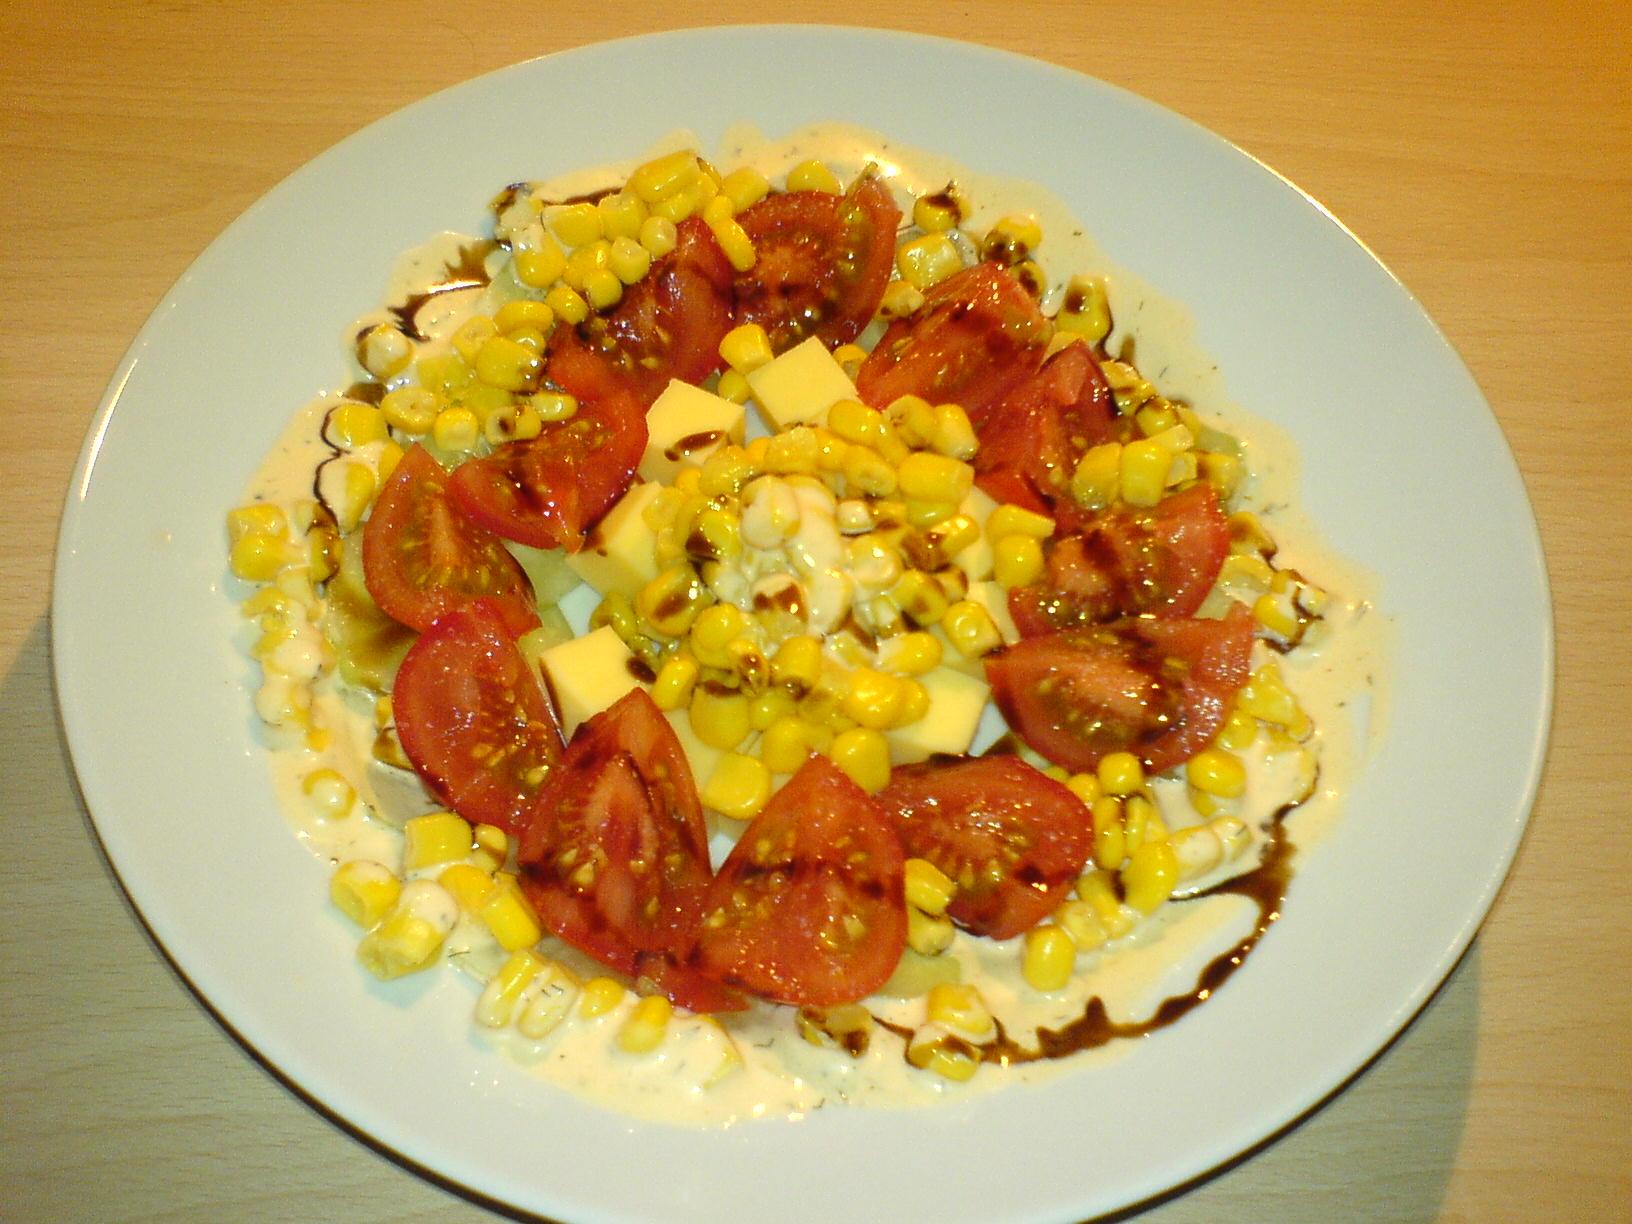 http://foodloader.net/Holz_2010-05-10_Salatteller.jpg